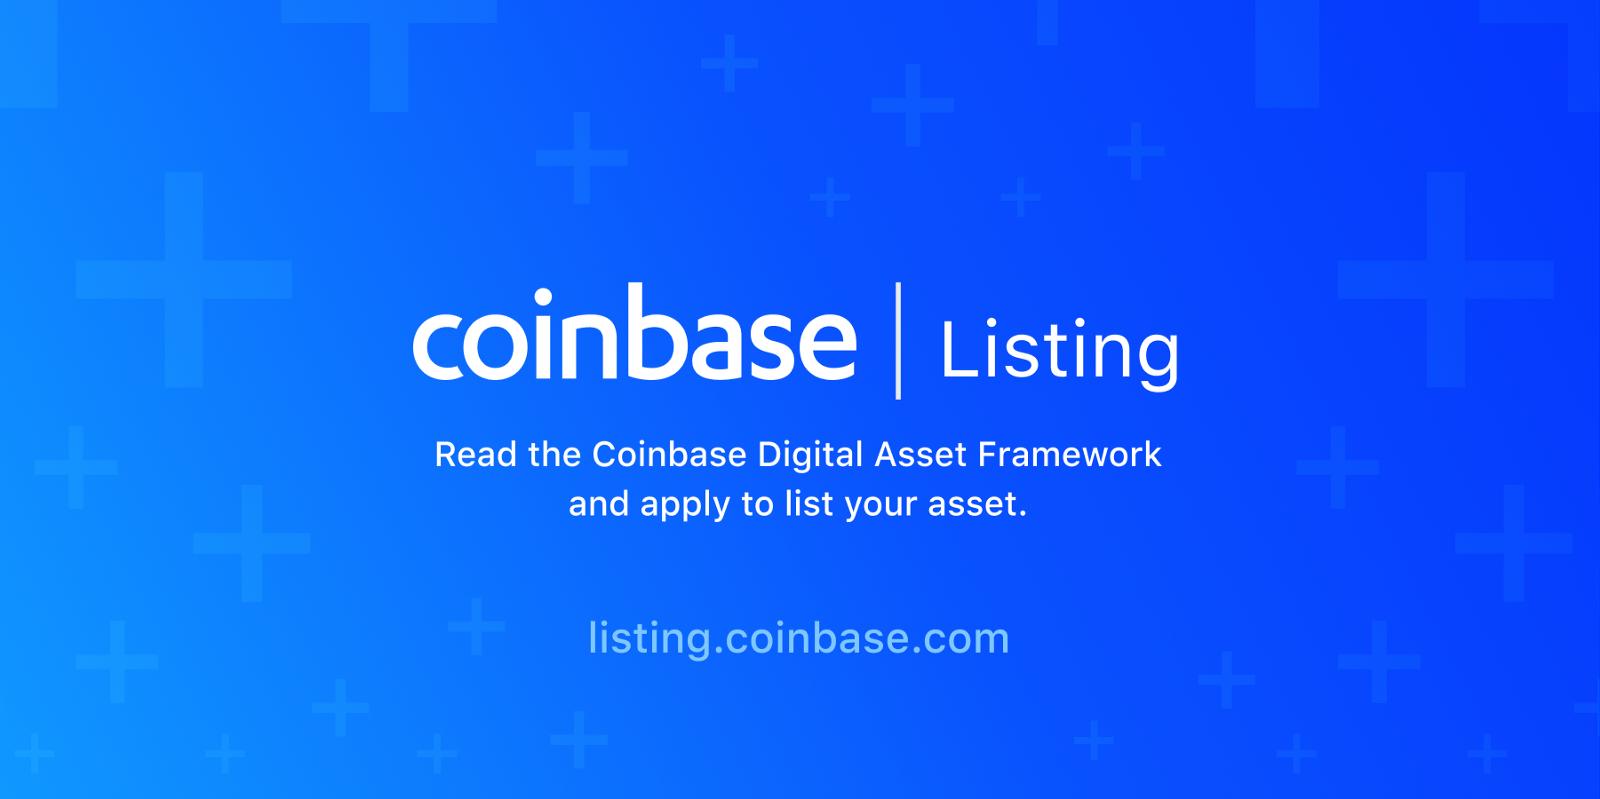 tiendientu.org-coinbase-2